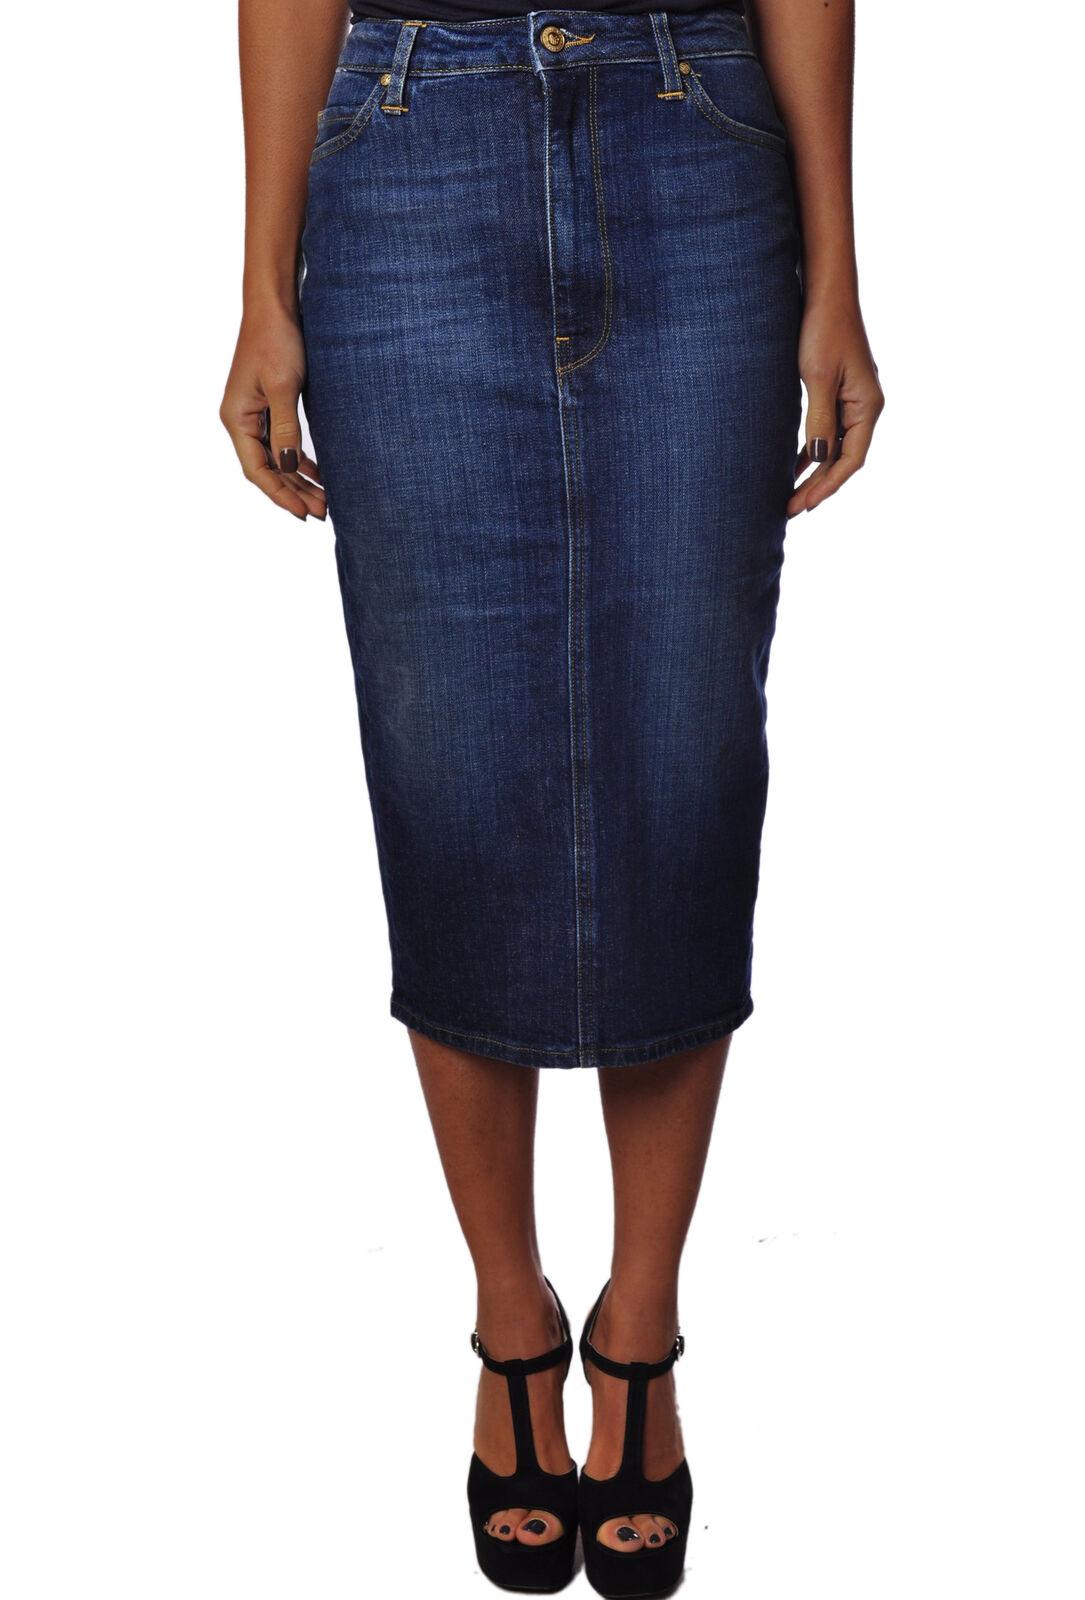 Truenyc - Skirts-midi Skirts - woman - bluee - 730117C184246